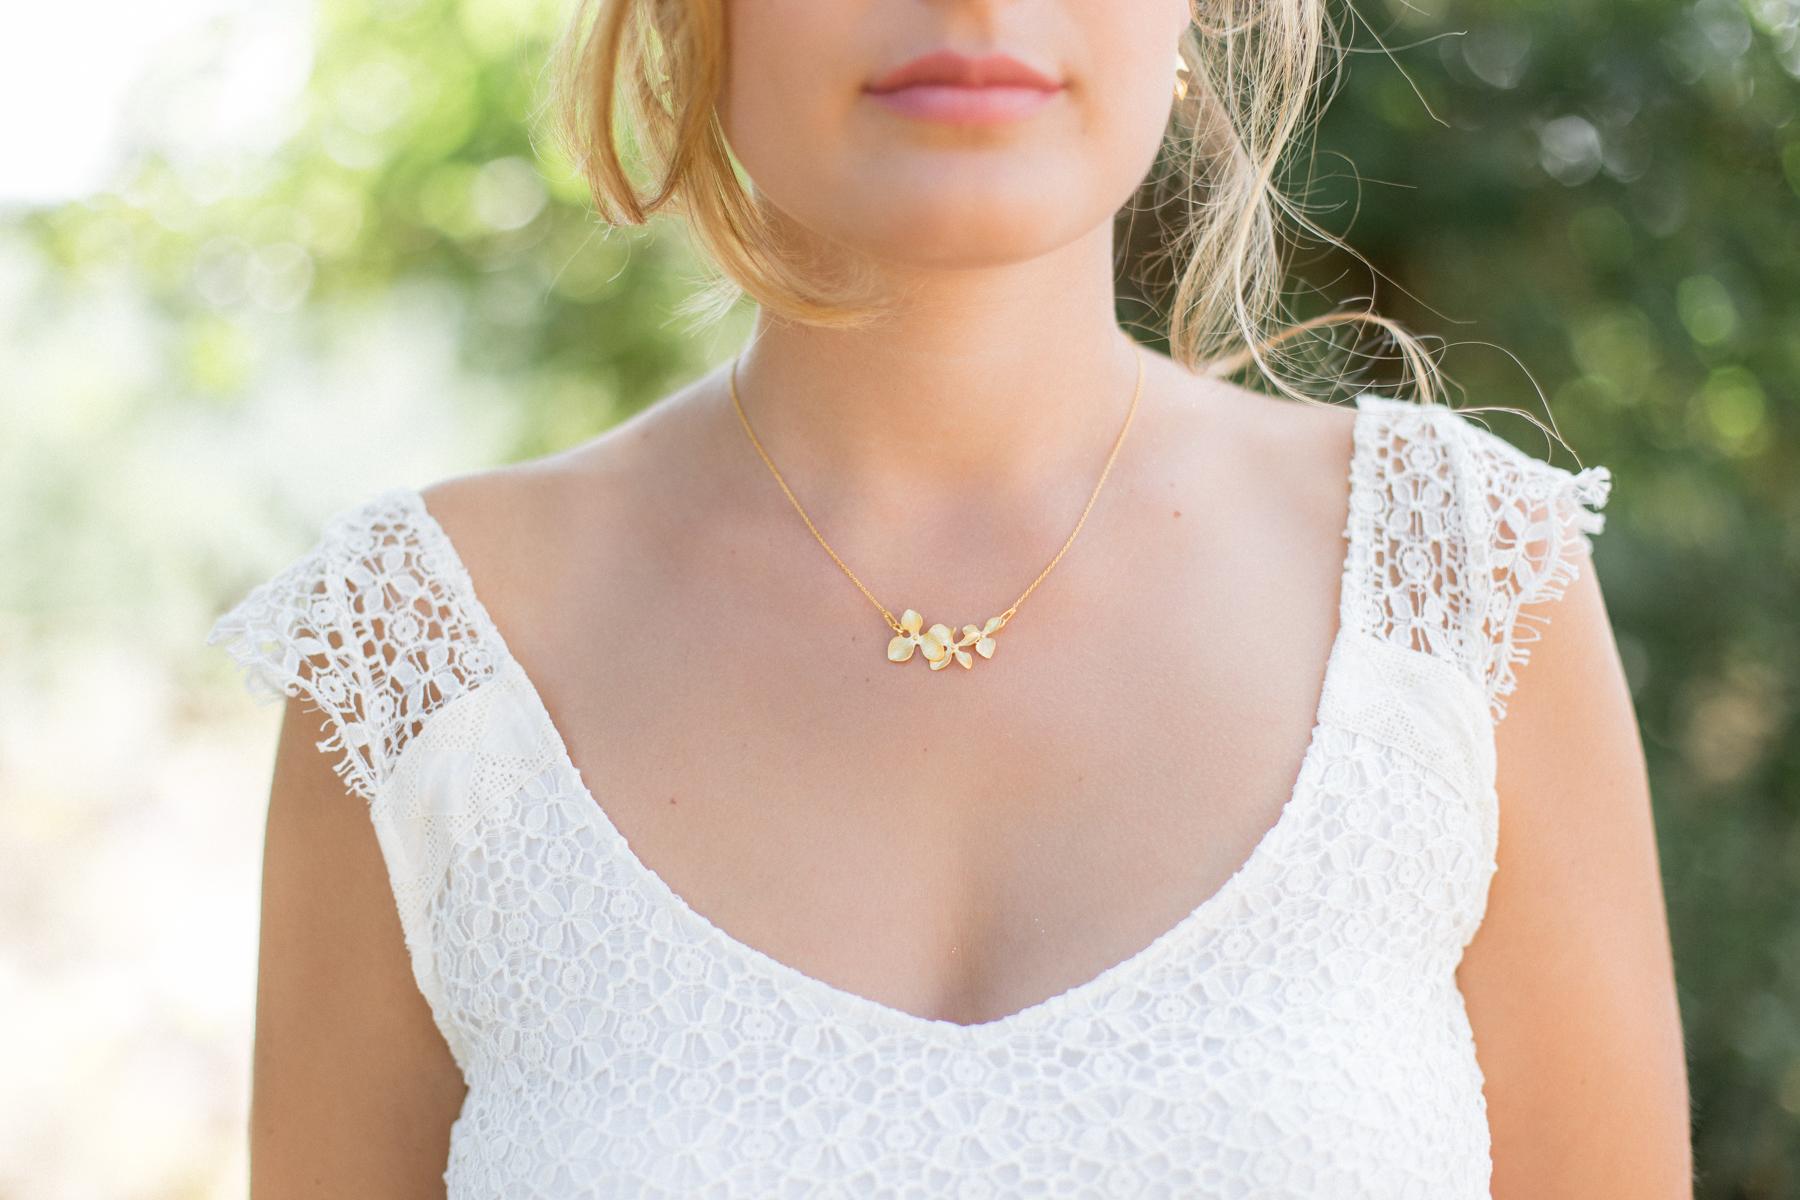 Sweet Romance - Nouvelle collection 2017 L'Atelier de Sylvie, bijoux et accessoires de mariage | Lena G. Photography | Blog La Mariée Sous Les Etoiles